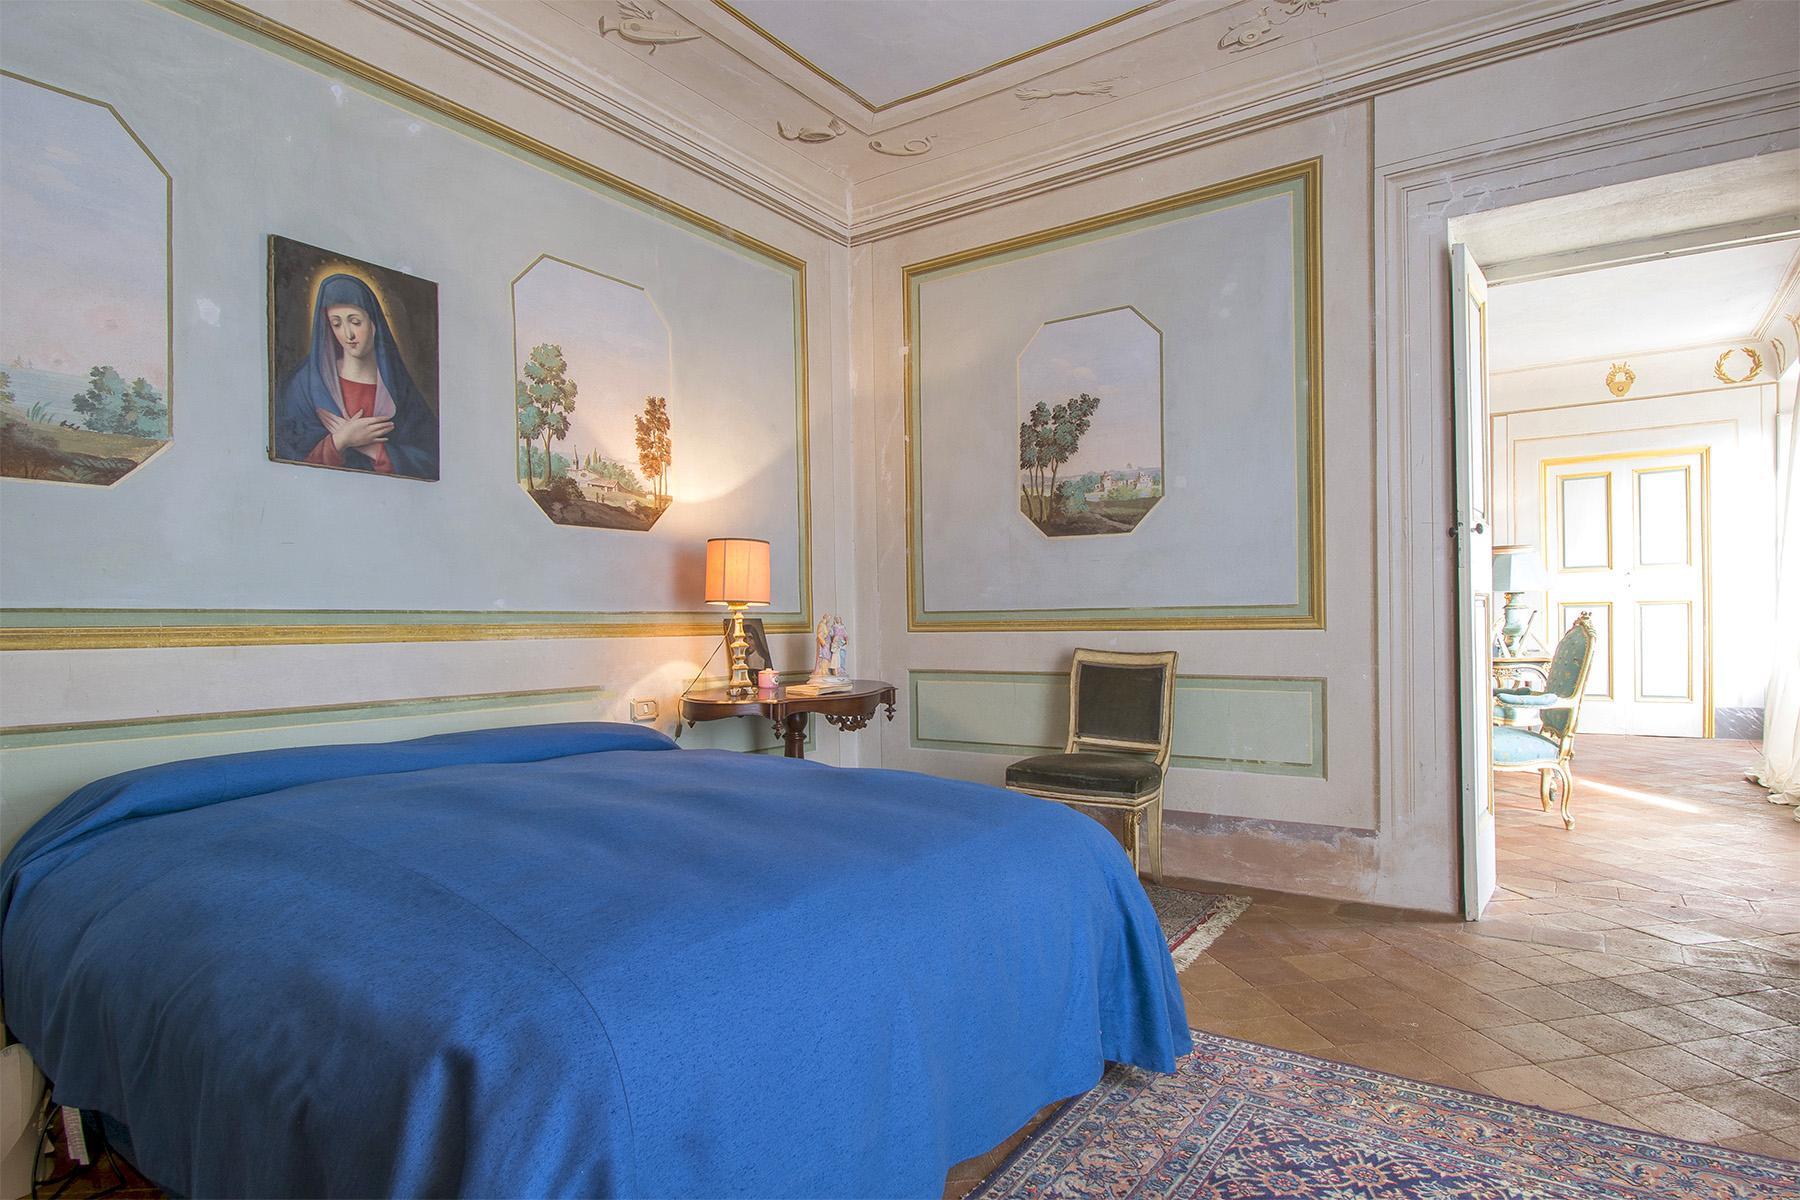 Villa historique près d'un village toscan médiéval - 12